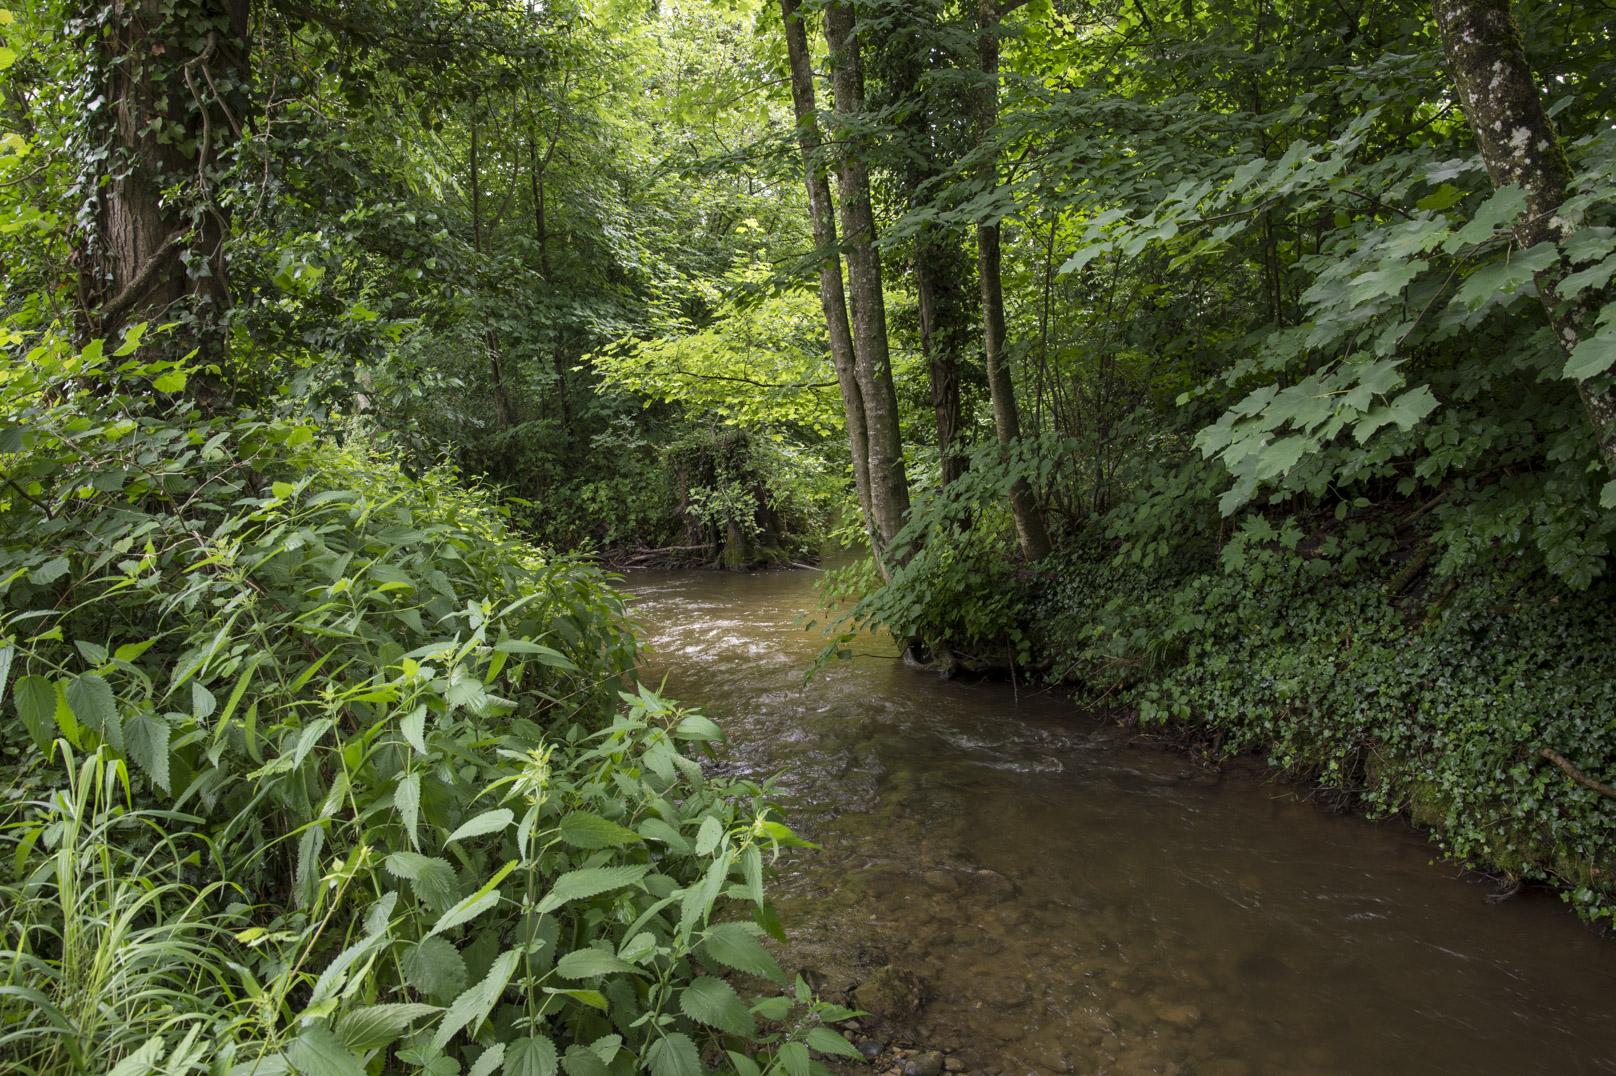 Pesticides et médicaments dépassent les limites dans les rivières, dont le Boiron